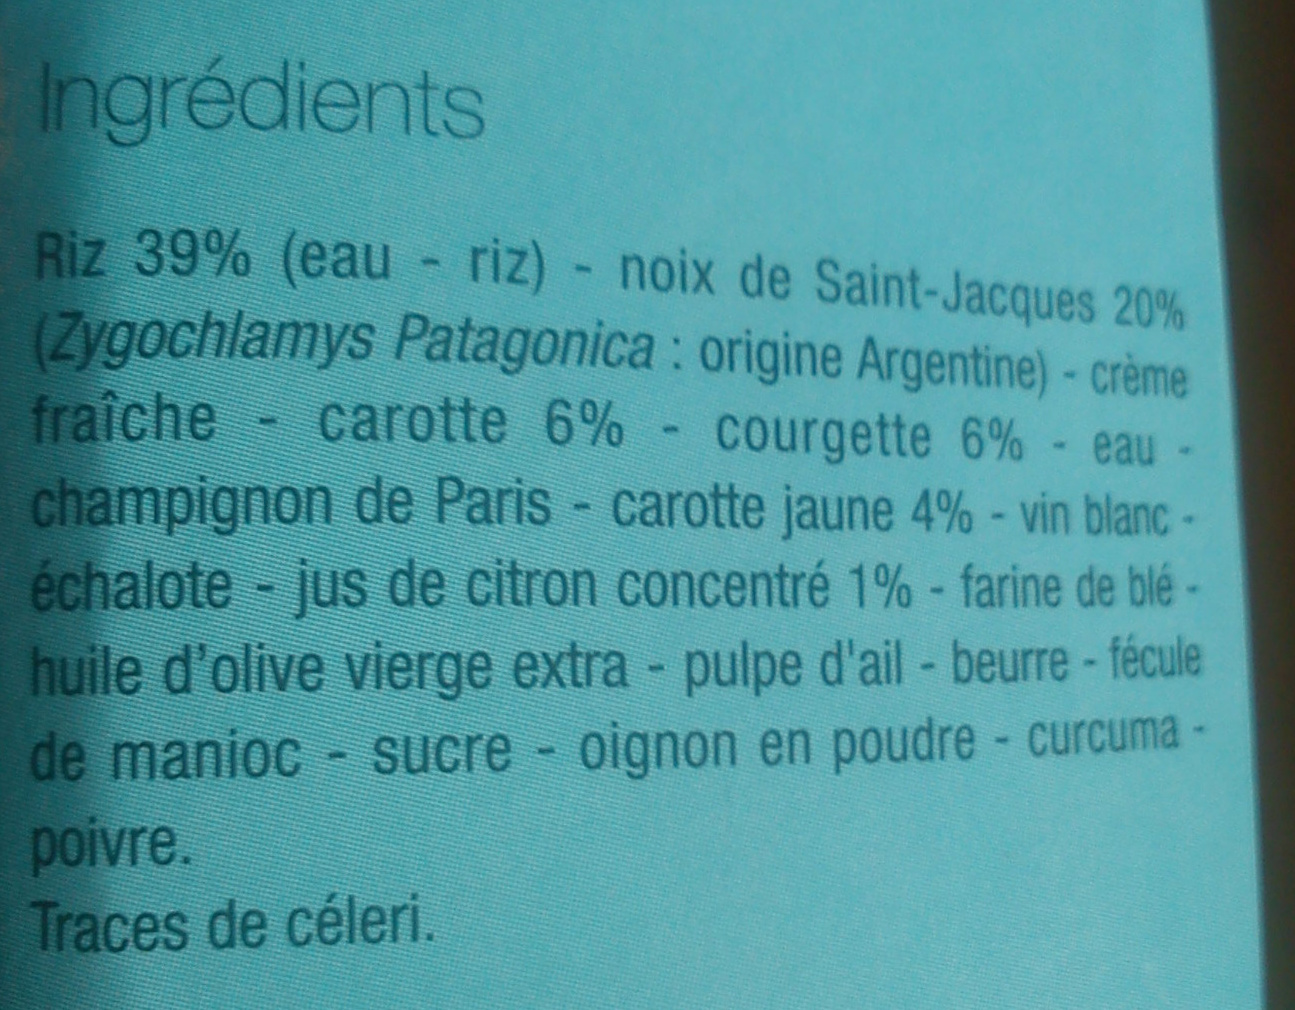 Noix de St Jacques, riz et légumes, sauce citron - Ingredients